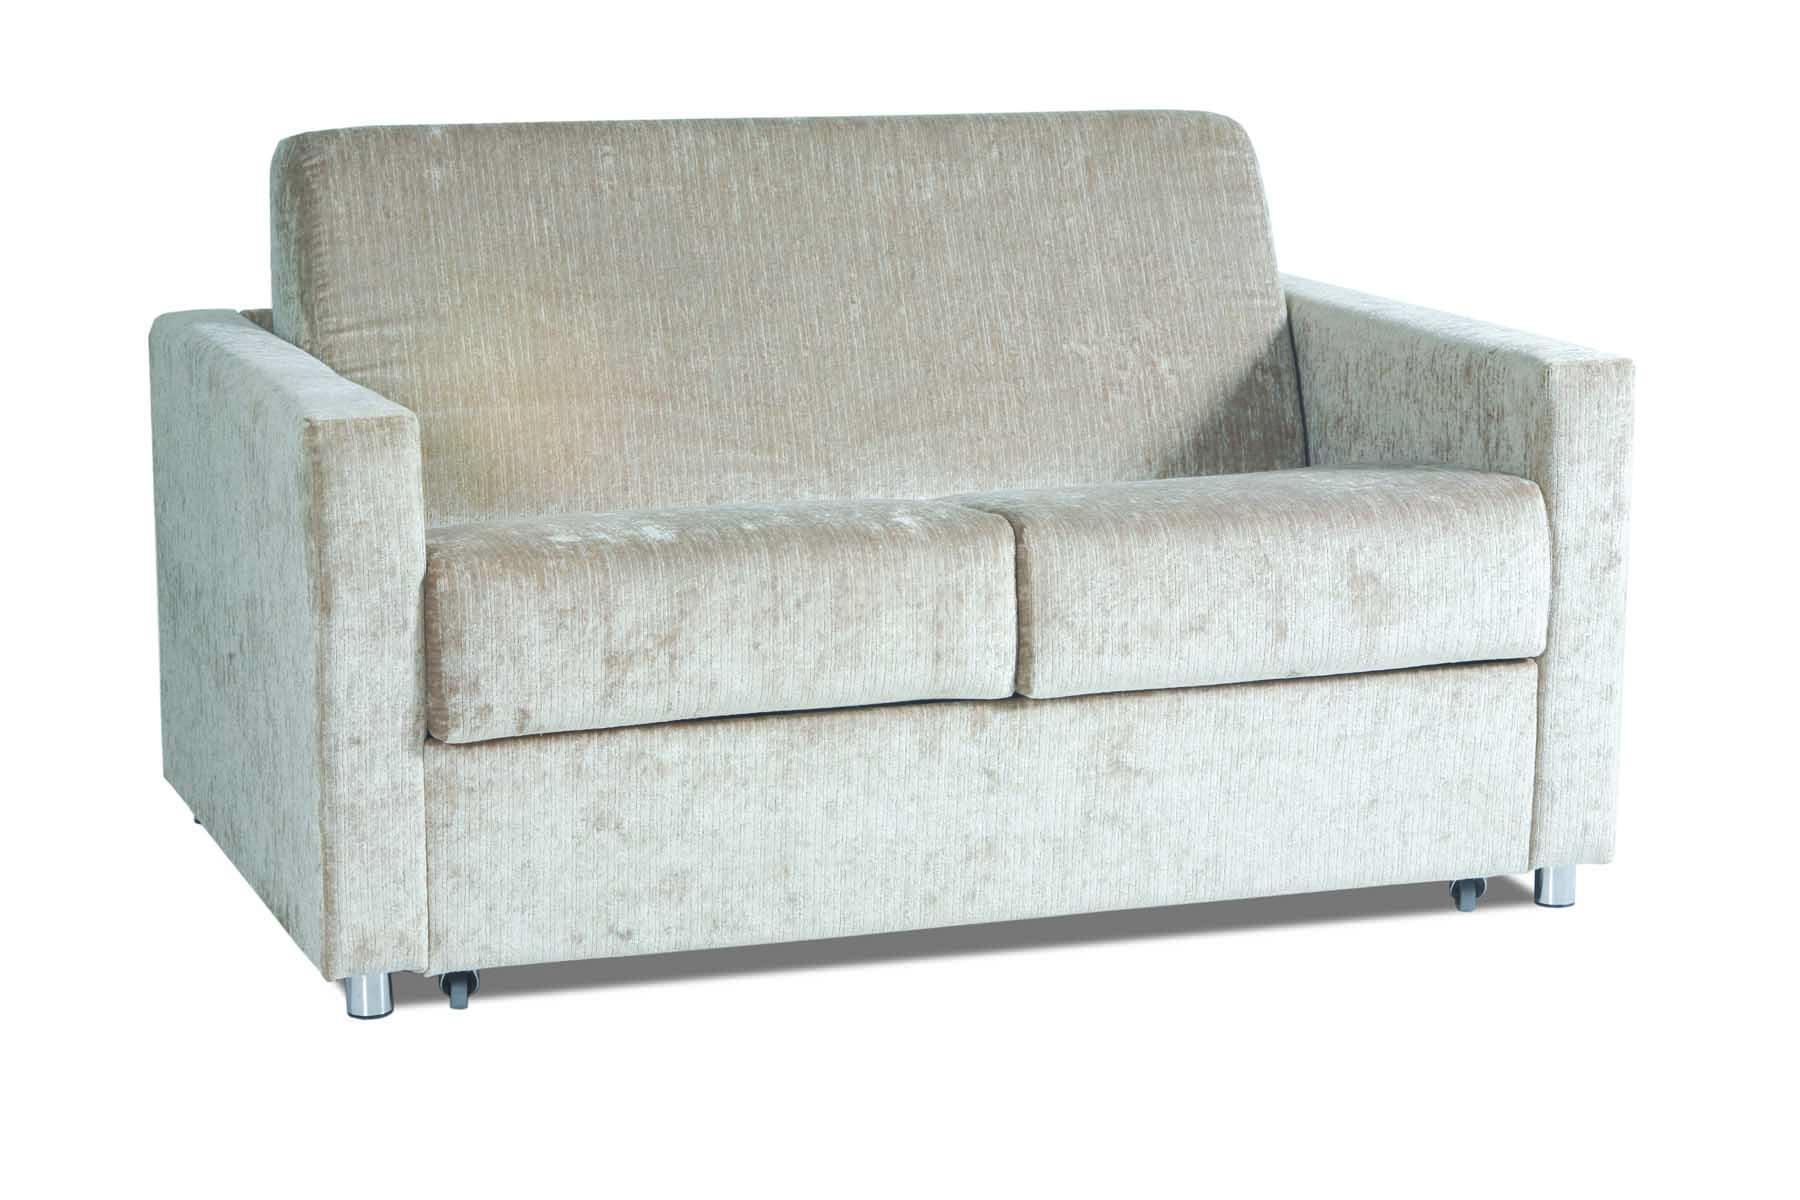 Daytona 120 sofa bed jameson seating for Sectional sofas 120